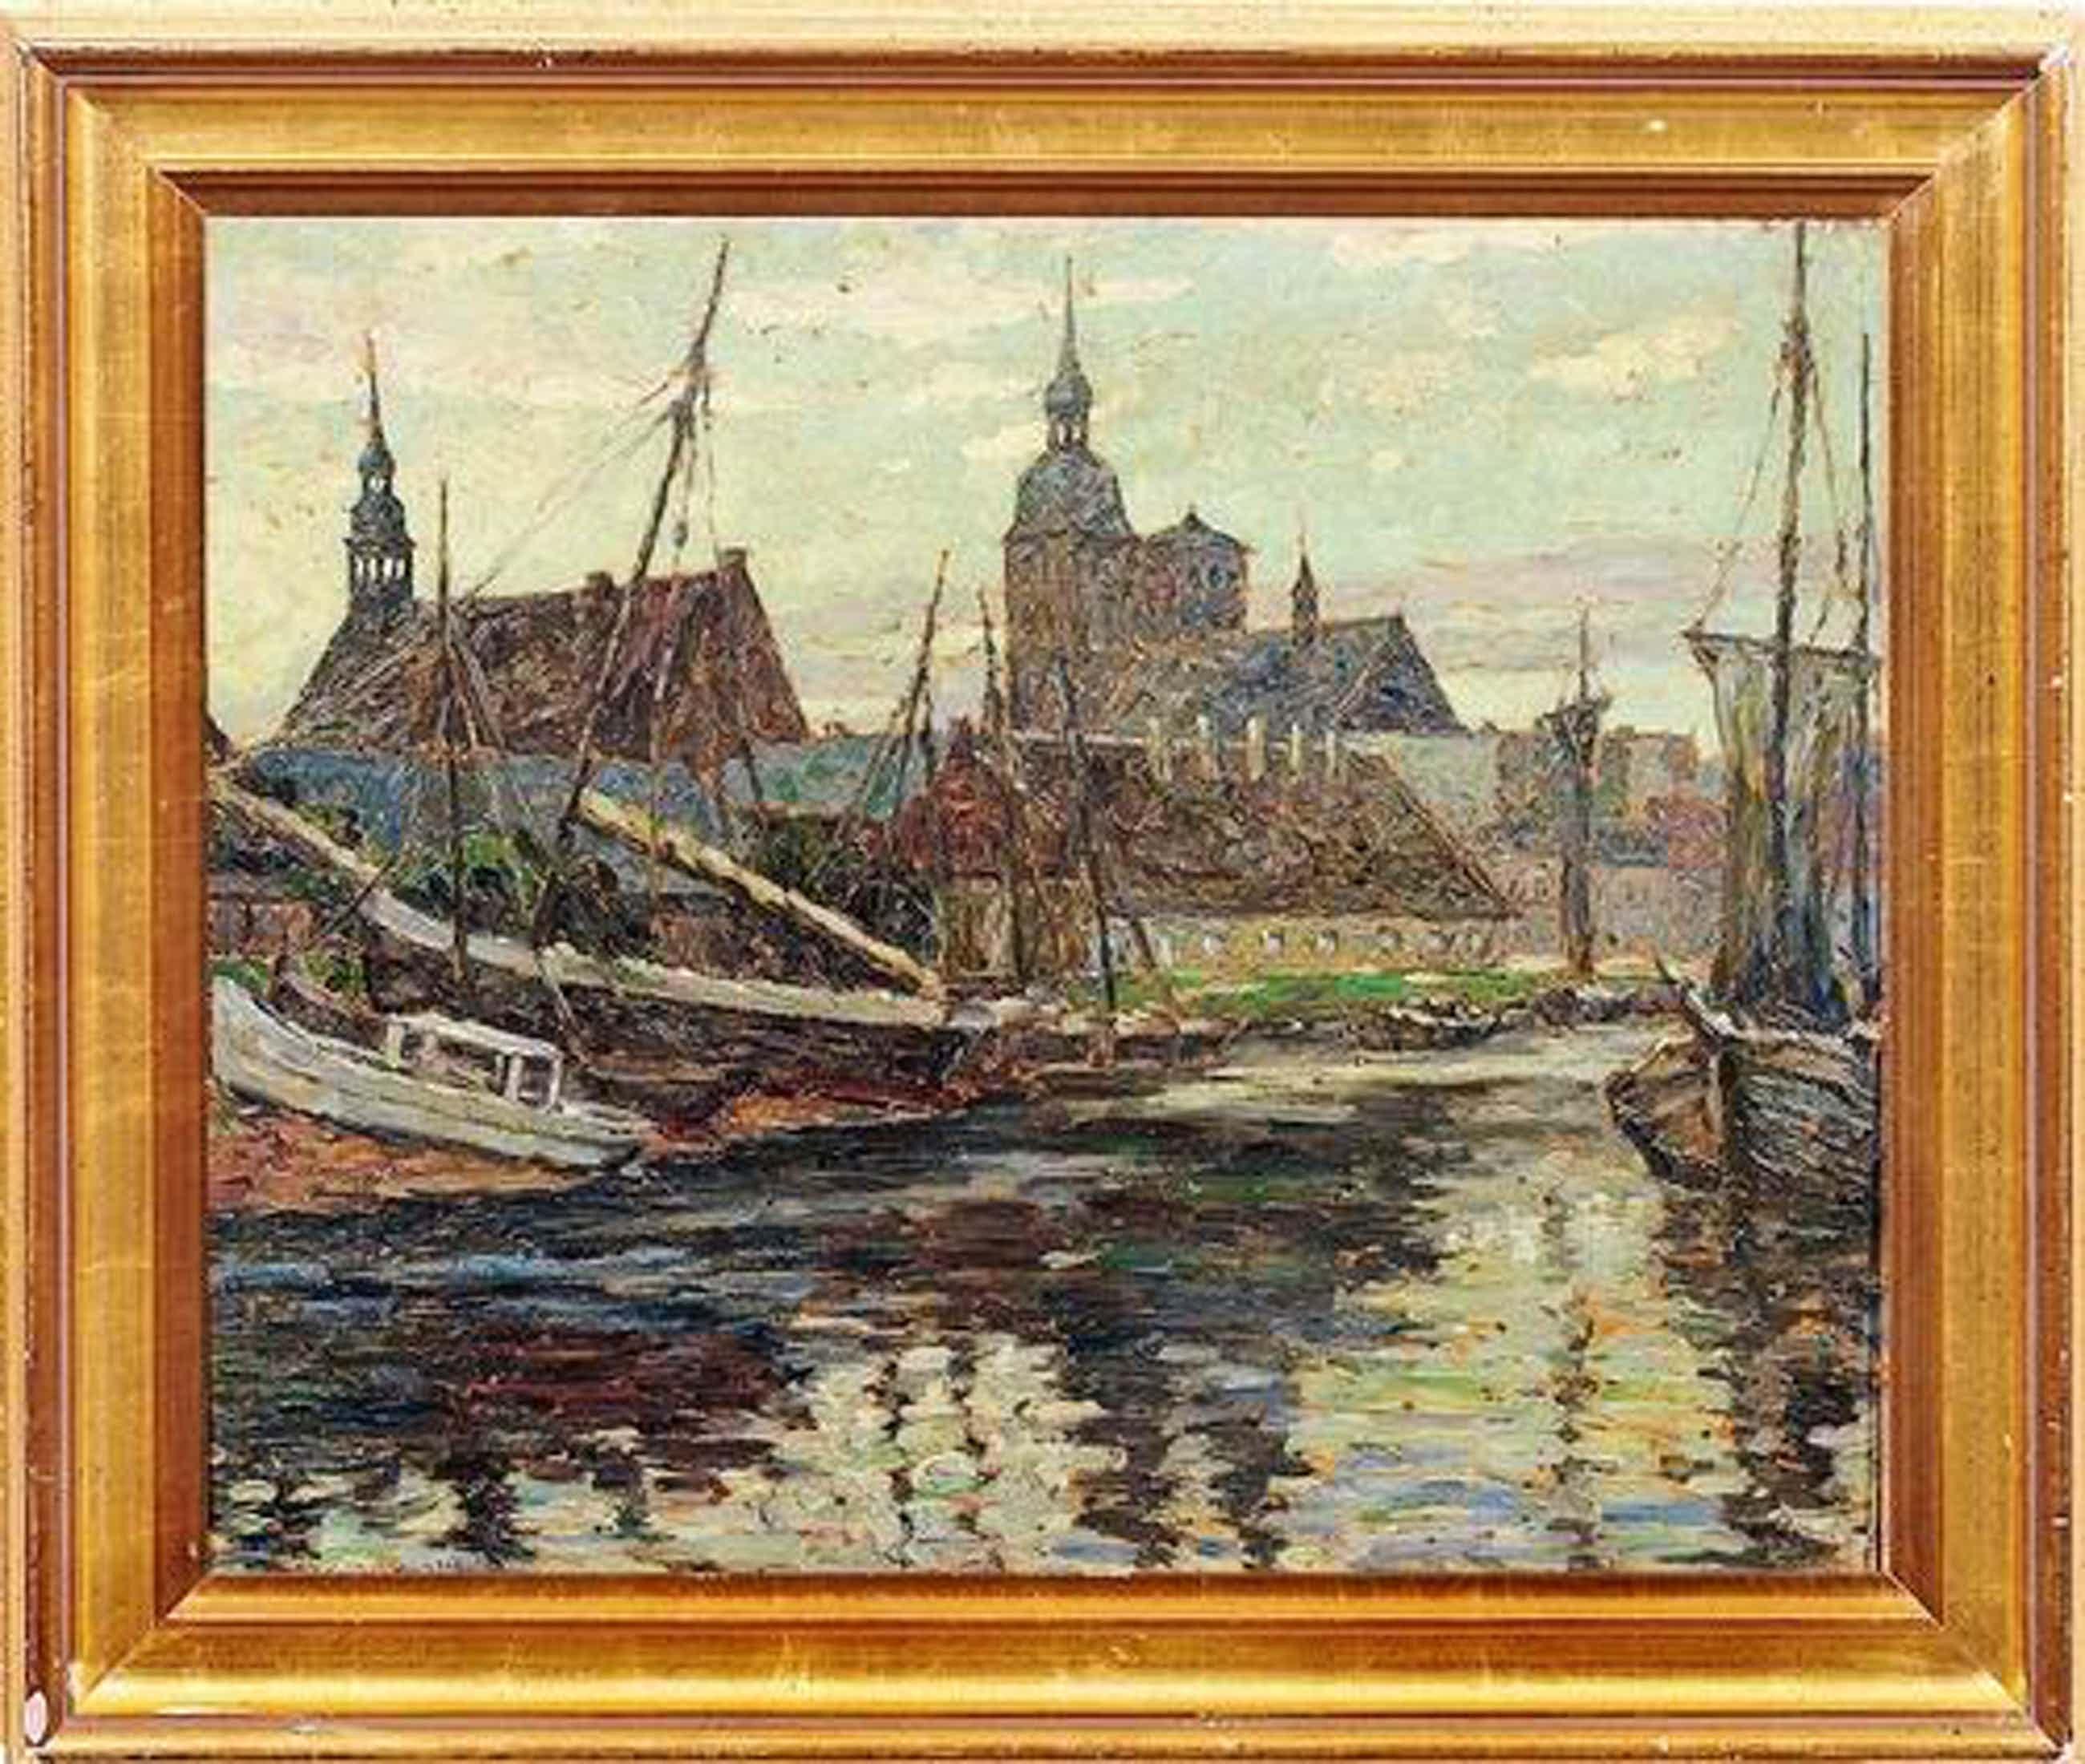 Waldemar Sewohl - Waldemar Sewohl, Stralsunder Hafen mit Nikolaikirche und Heiliggeistkirche kopen? Bied vanaf 1130!